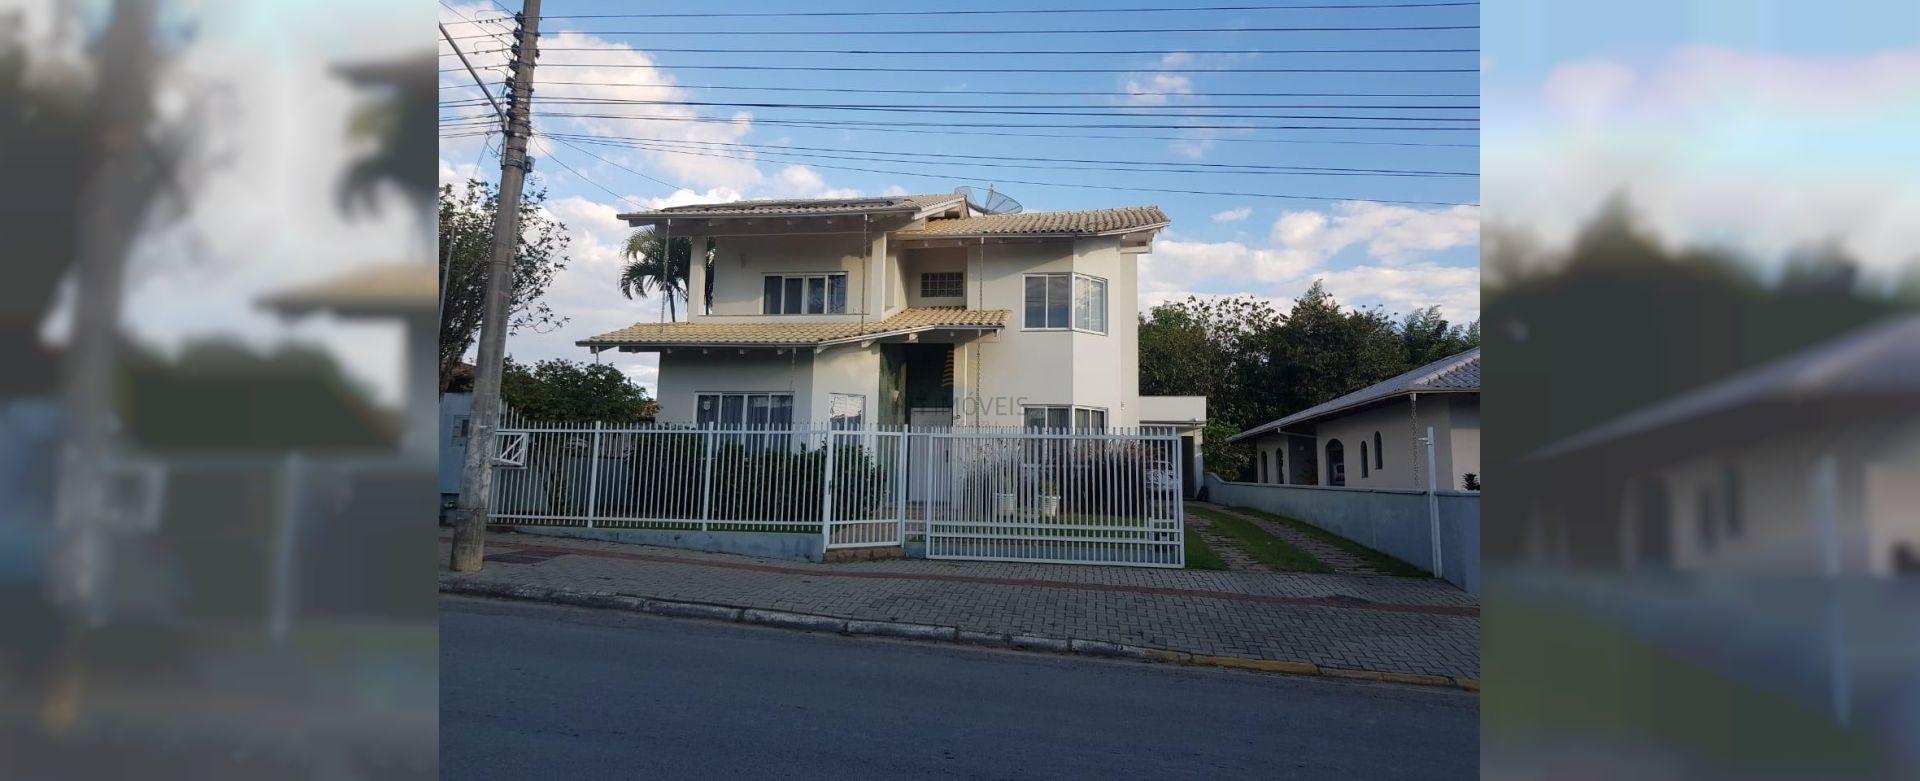 CASA ALTO PADRÃO - BAIRRO JARDIM AMÉRICA - ITUPORANGA - SC - Ituporanga/SC, JARDIM AMÉRICA